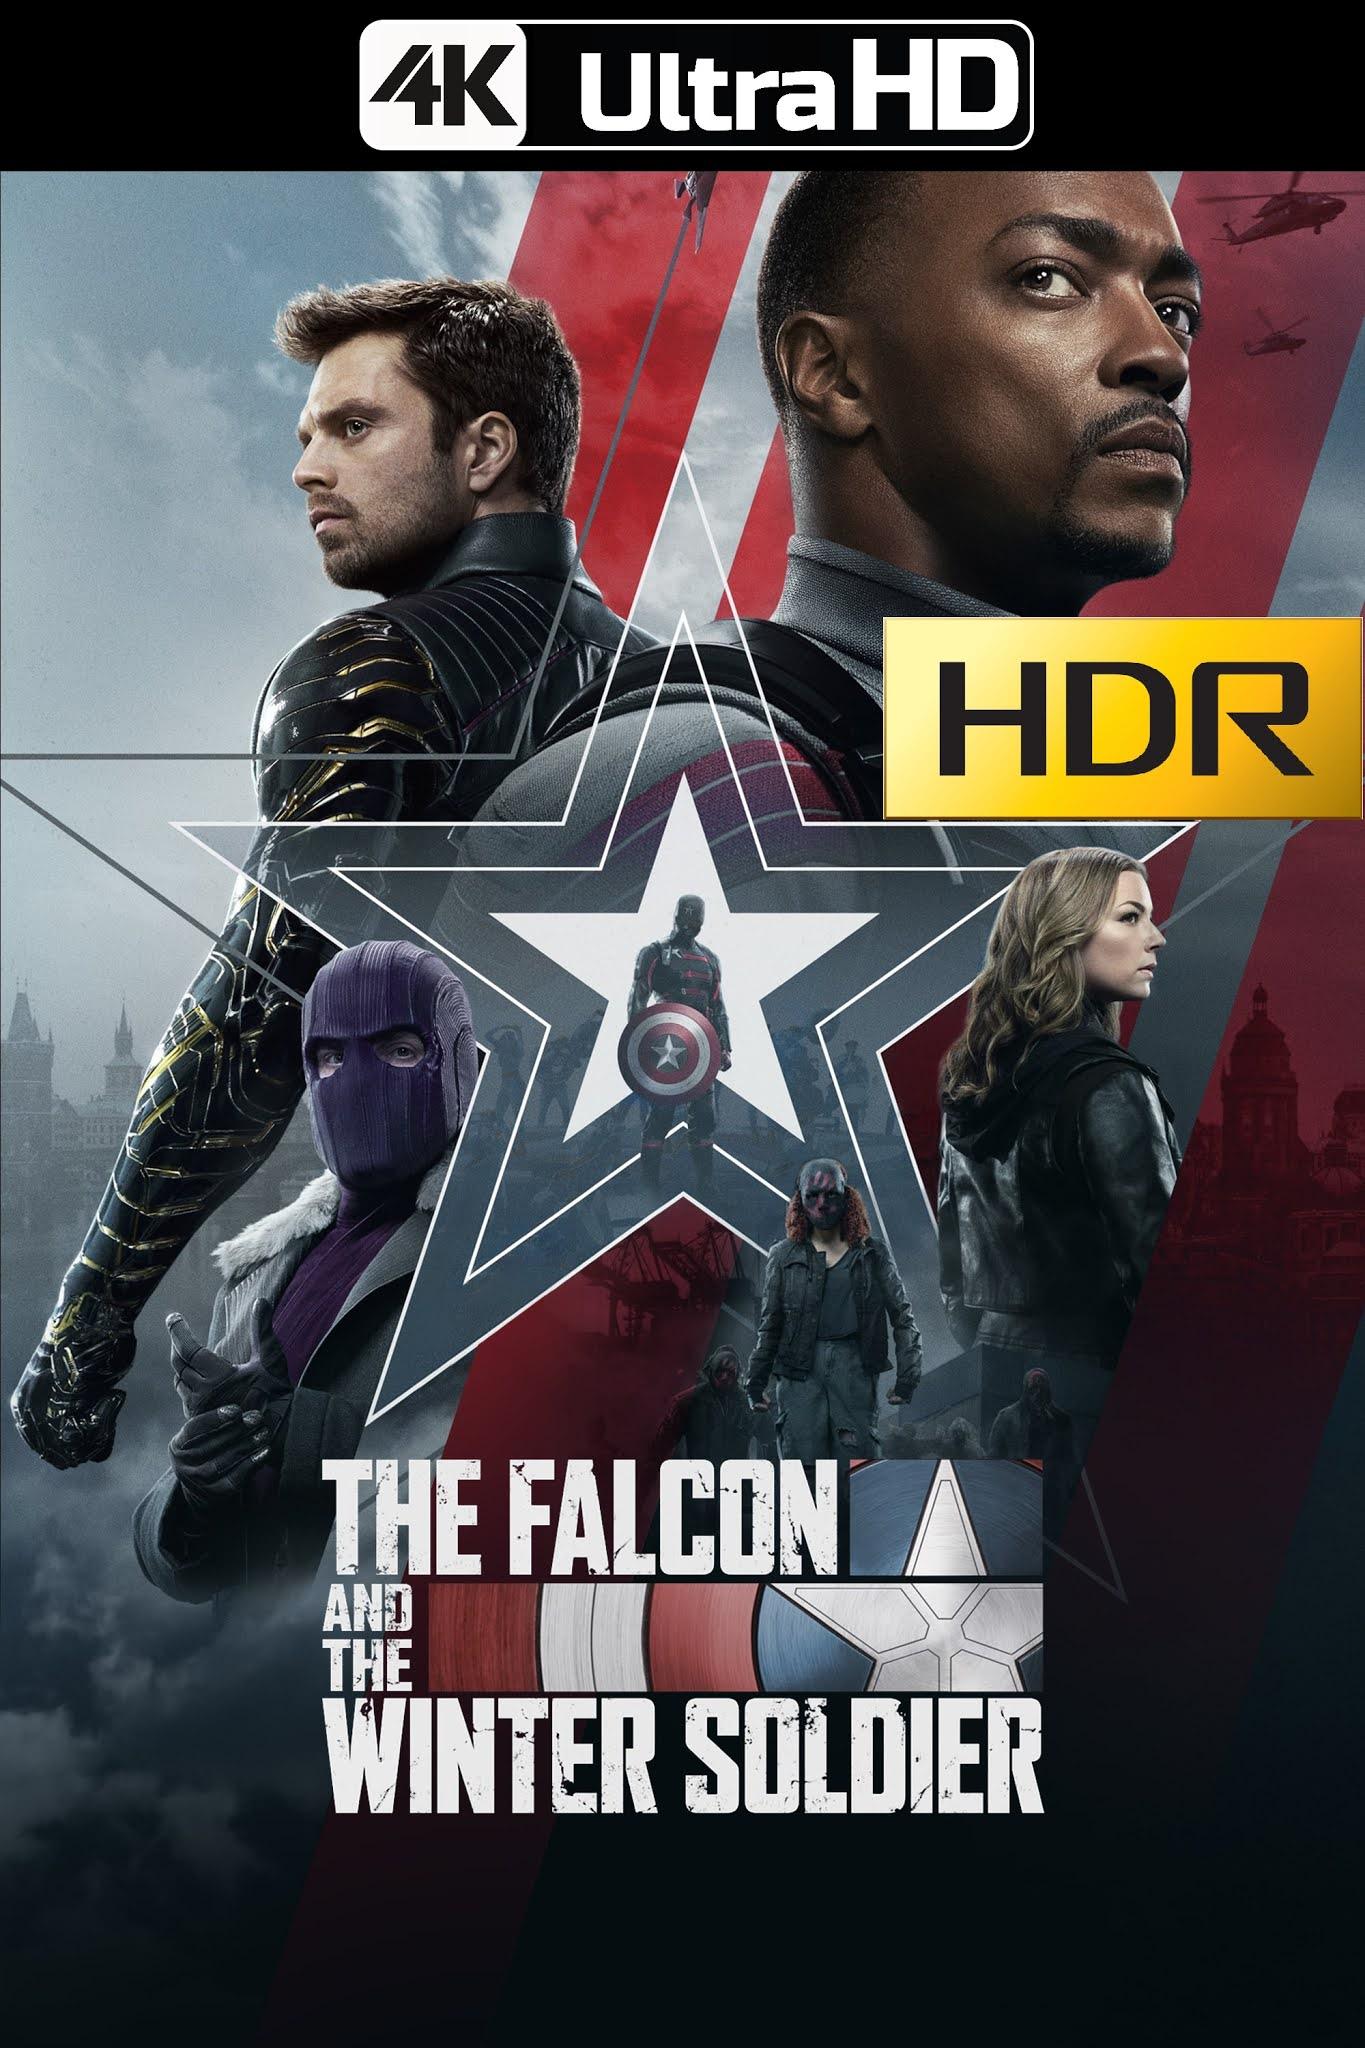 Falcon Y El Soldado De Invierno (2021) temporada 1 Web-DL 4K UHD HDR Latino